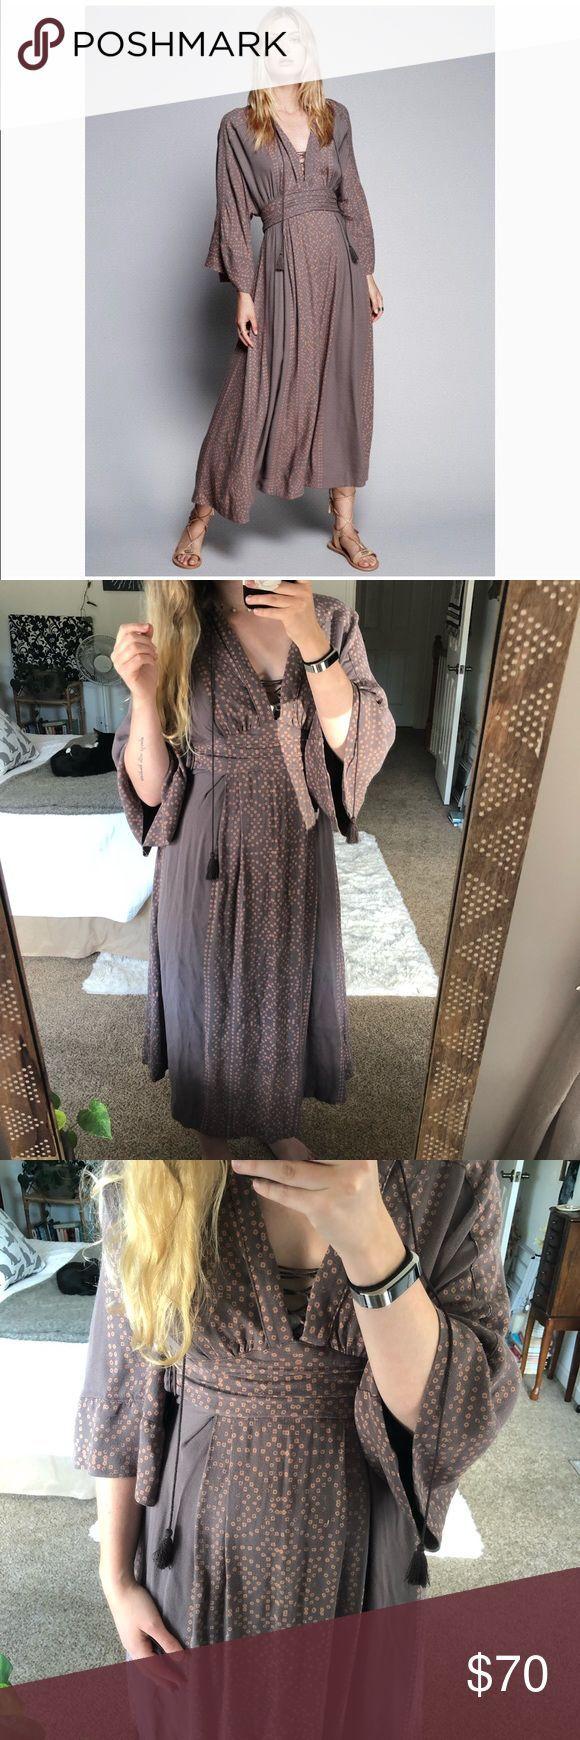 dieses free ist kimonokleid lang lila modern dress